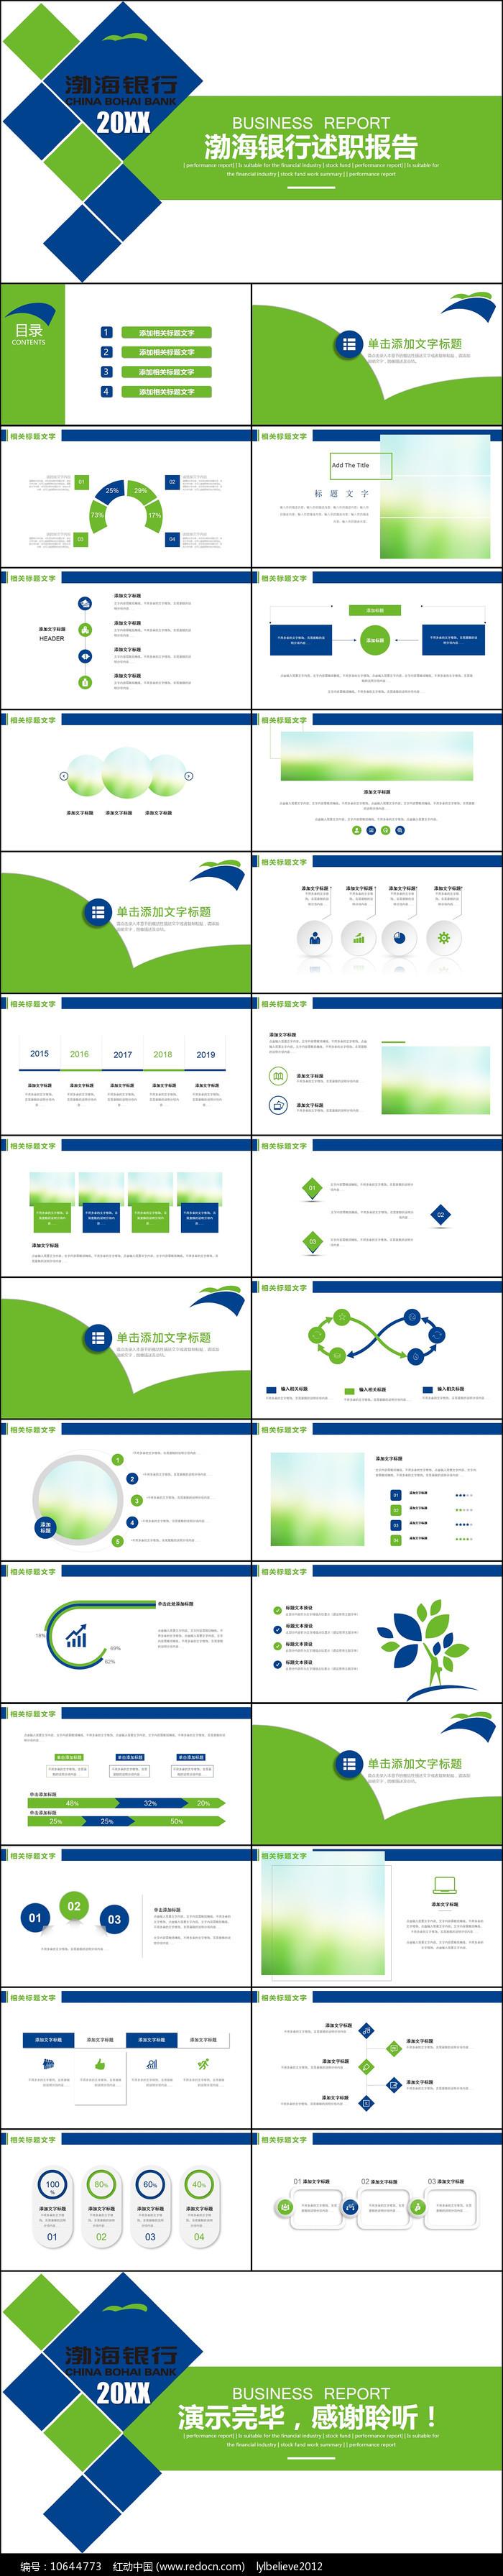 蓝绿色创意渤海银行总结计划ppt图片